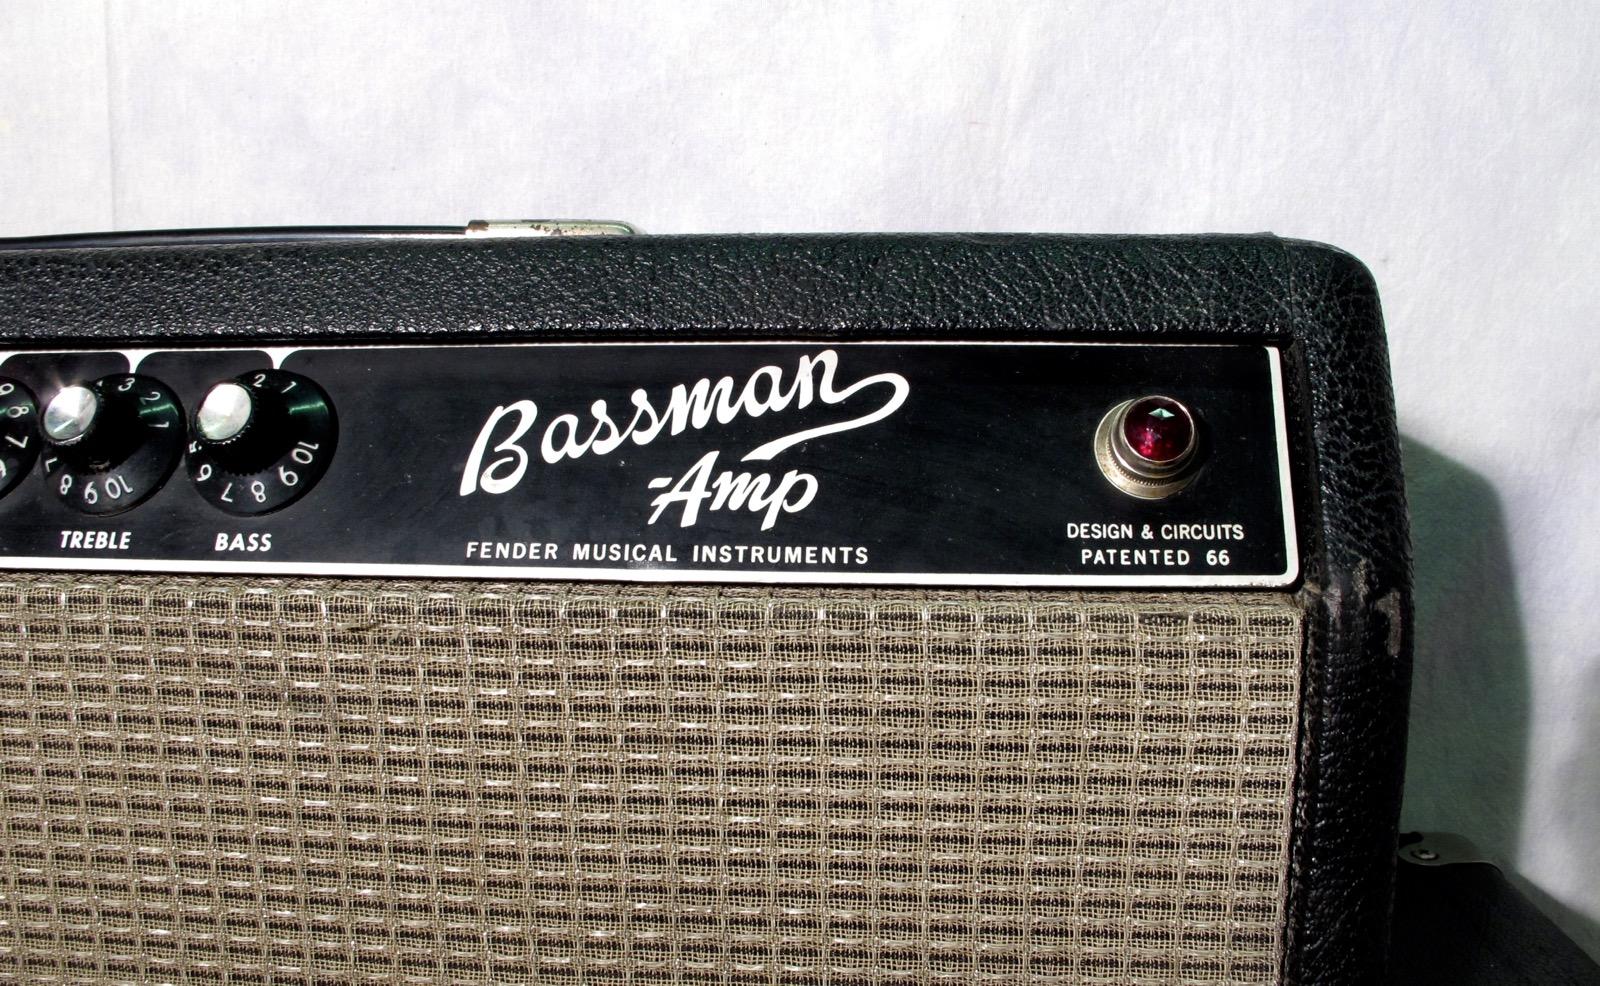 fender bassman 1967 black tolex amp for sale andy baxter bass guitars ltd. Black Bedroom Furniture Sets. Home Design Ideas